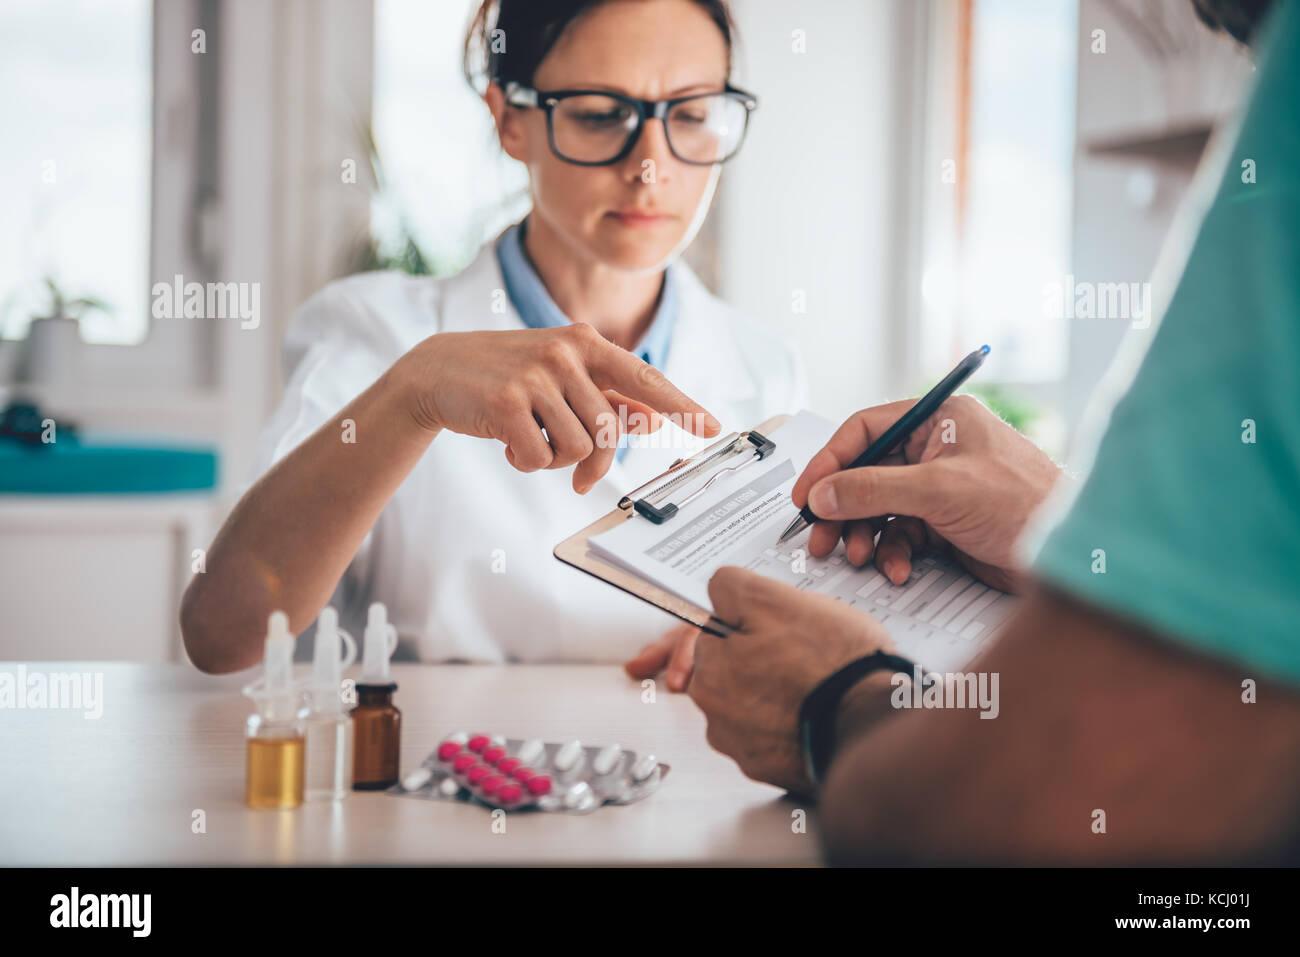 Patienten Anmeldung Krankenversicherung Antragsformular im Doktorbüro Stockbild